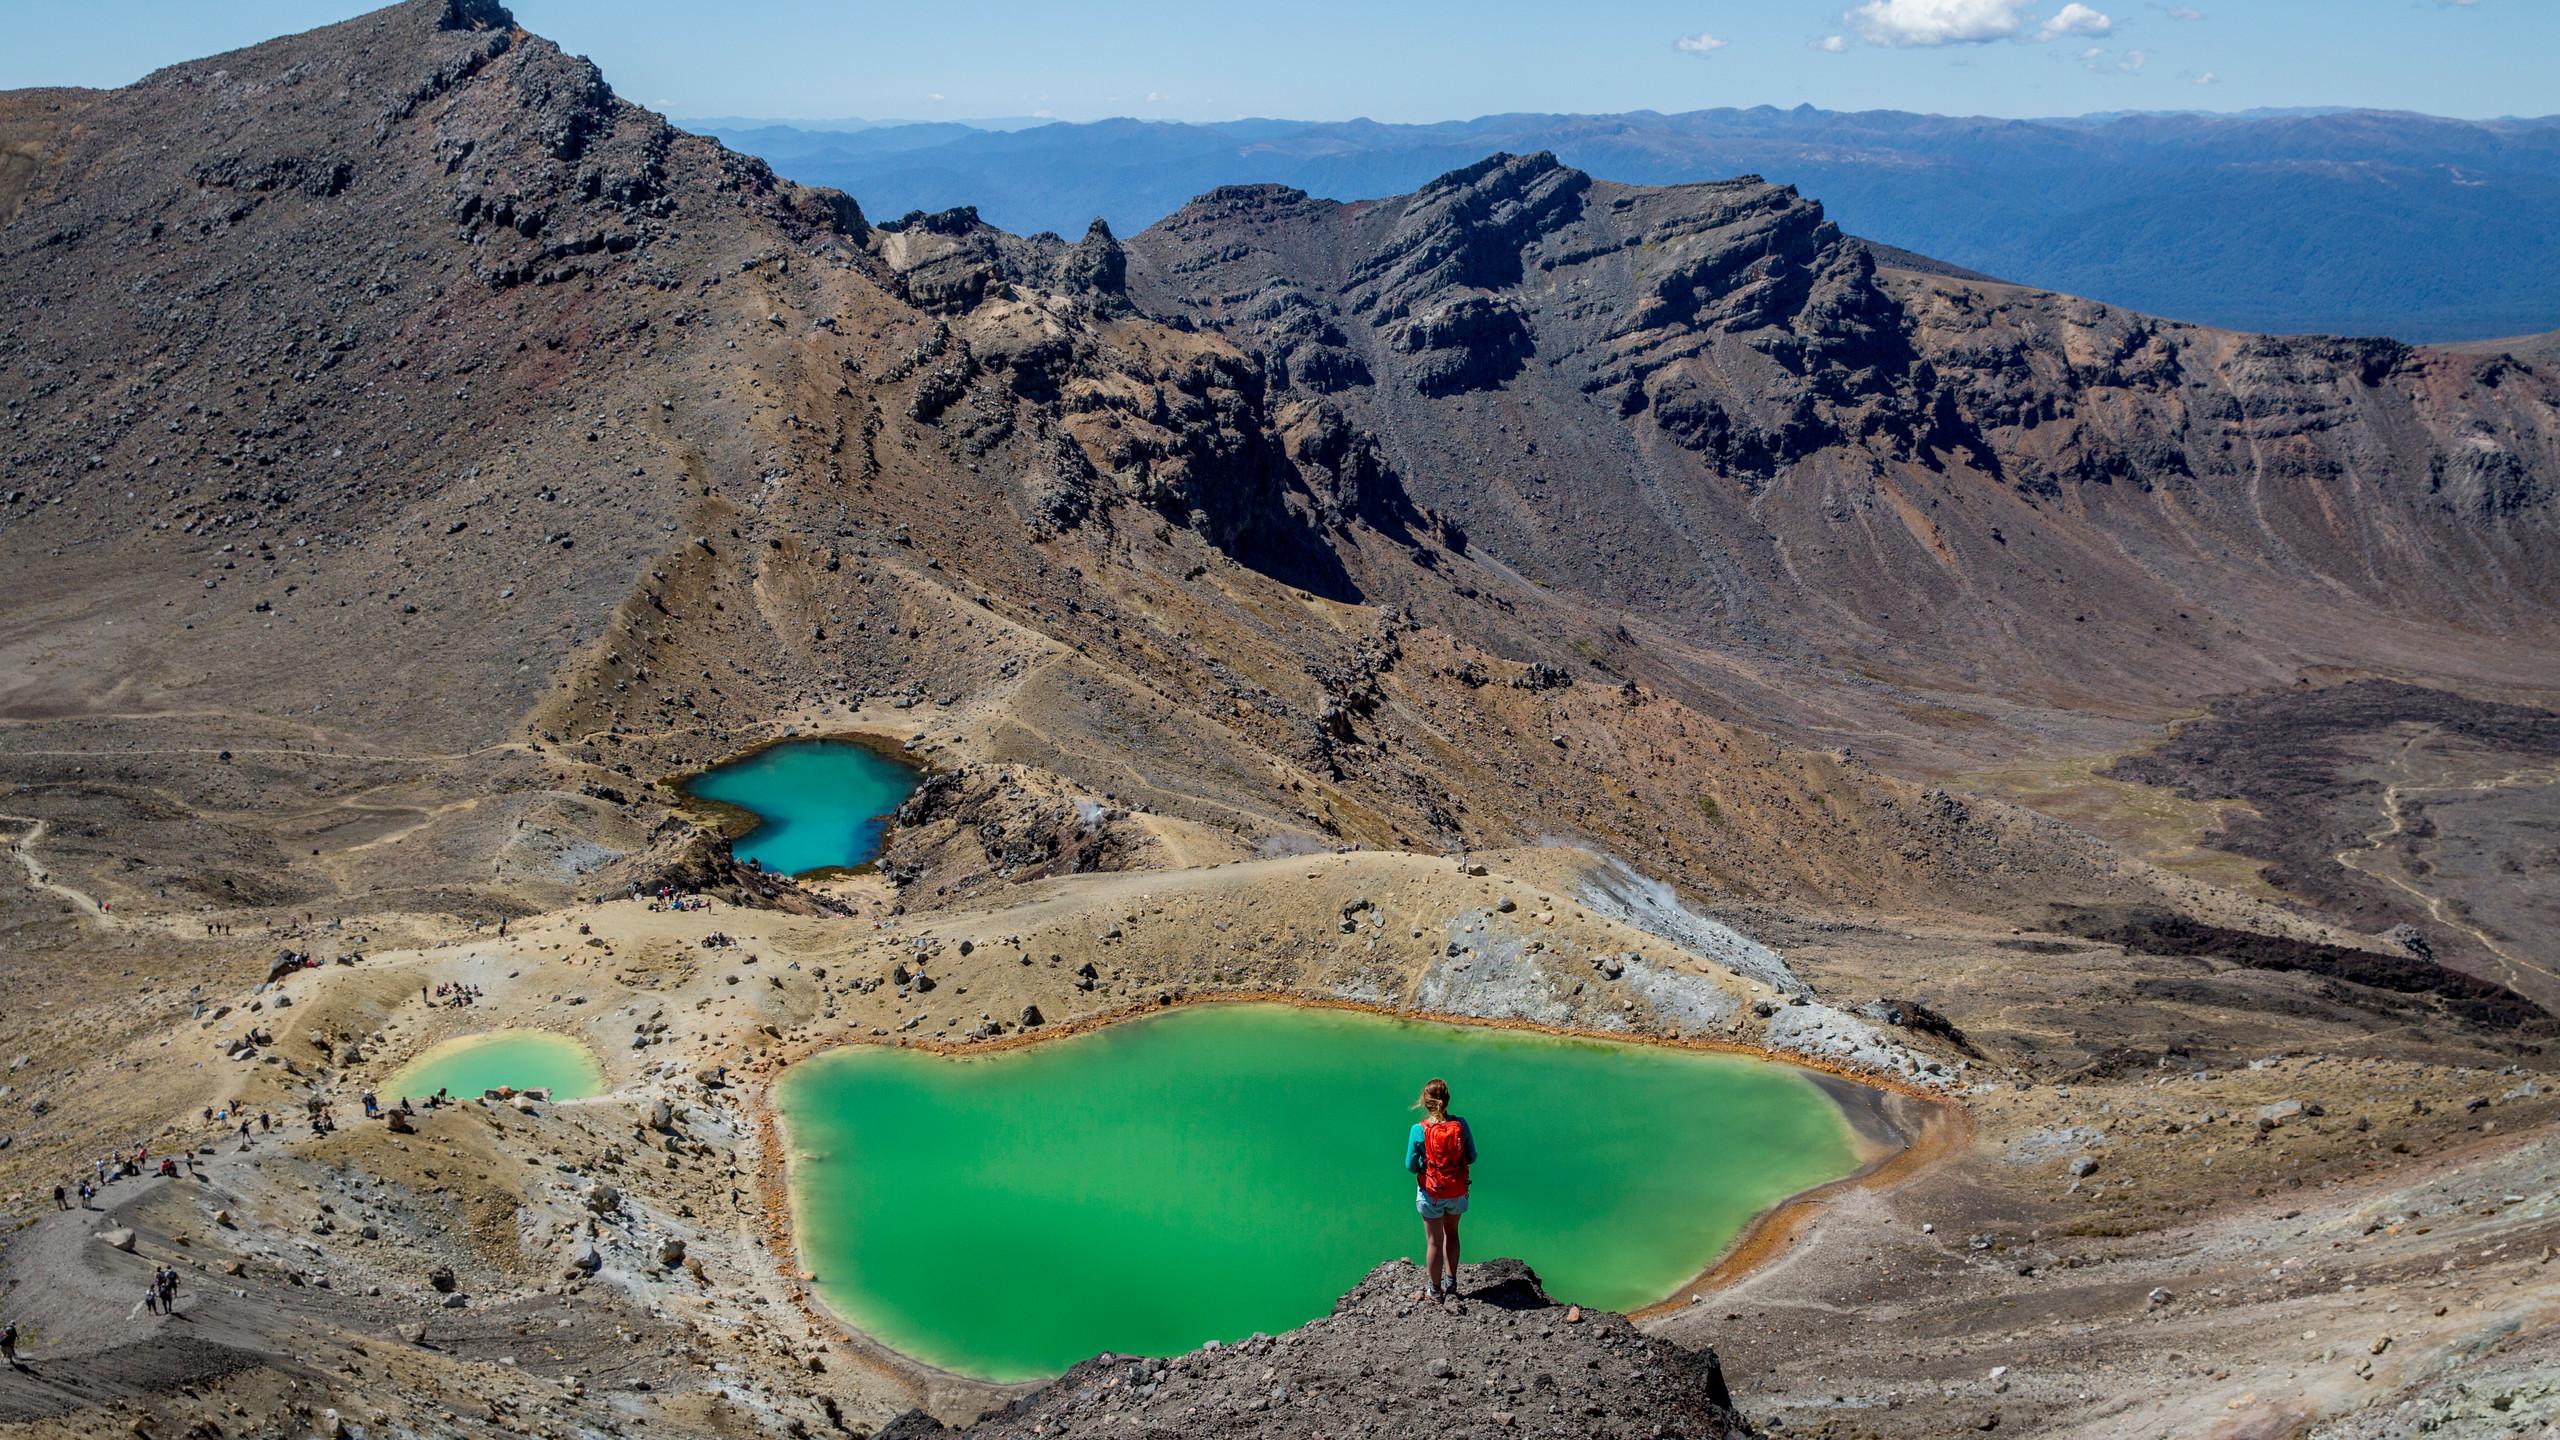 Tongariro crossing, New Zealand attractions, New Zealand activities